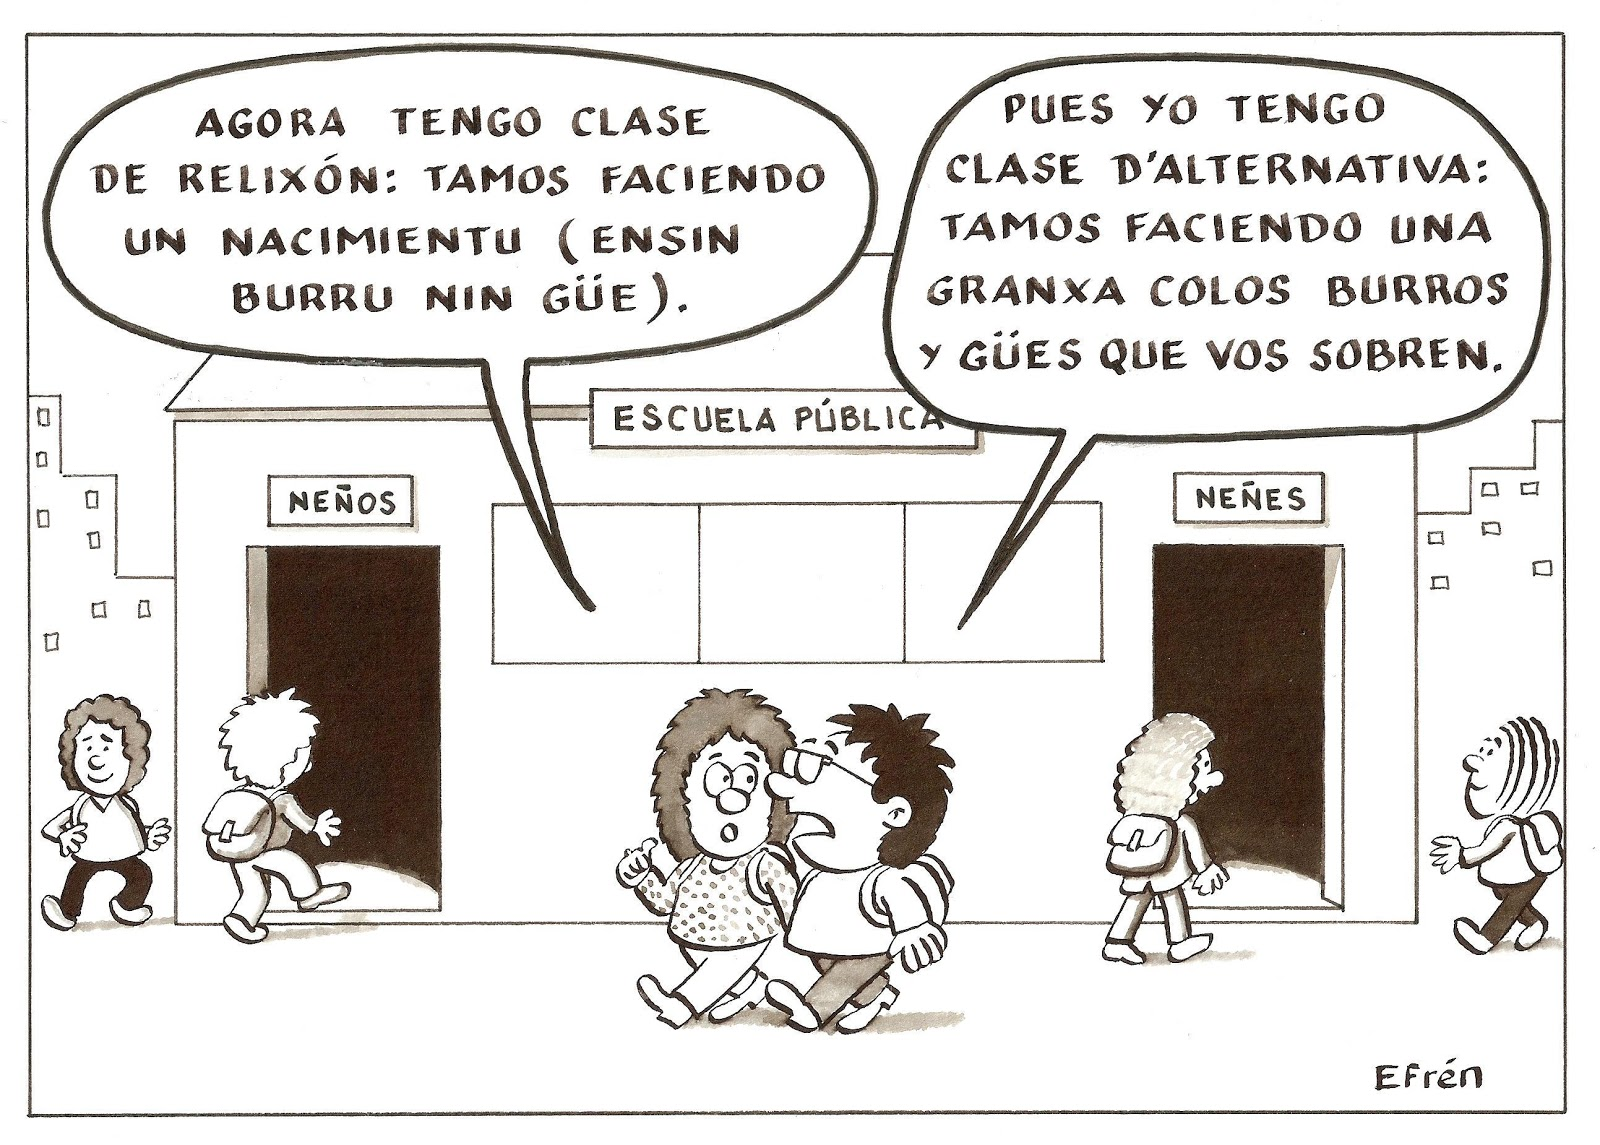 38 Reforma educativa 9 davientu del 2012